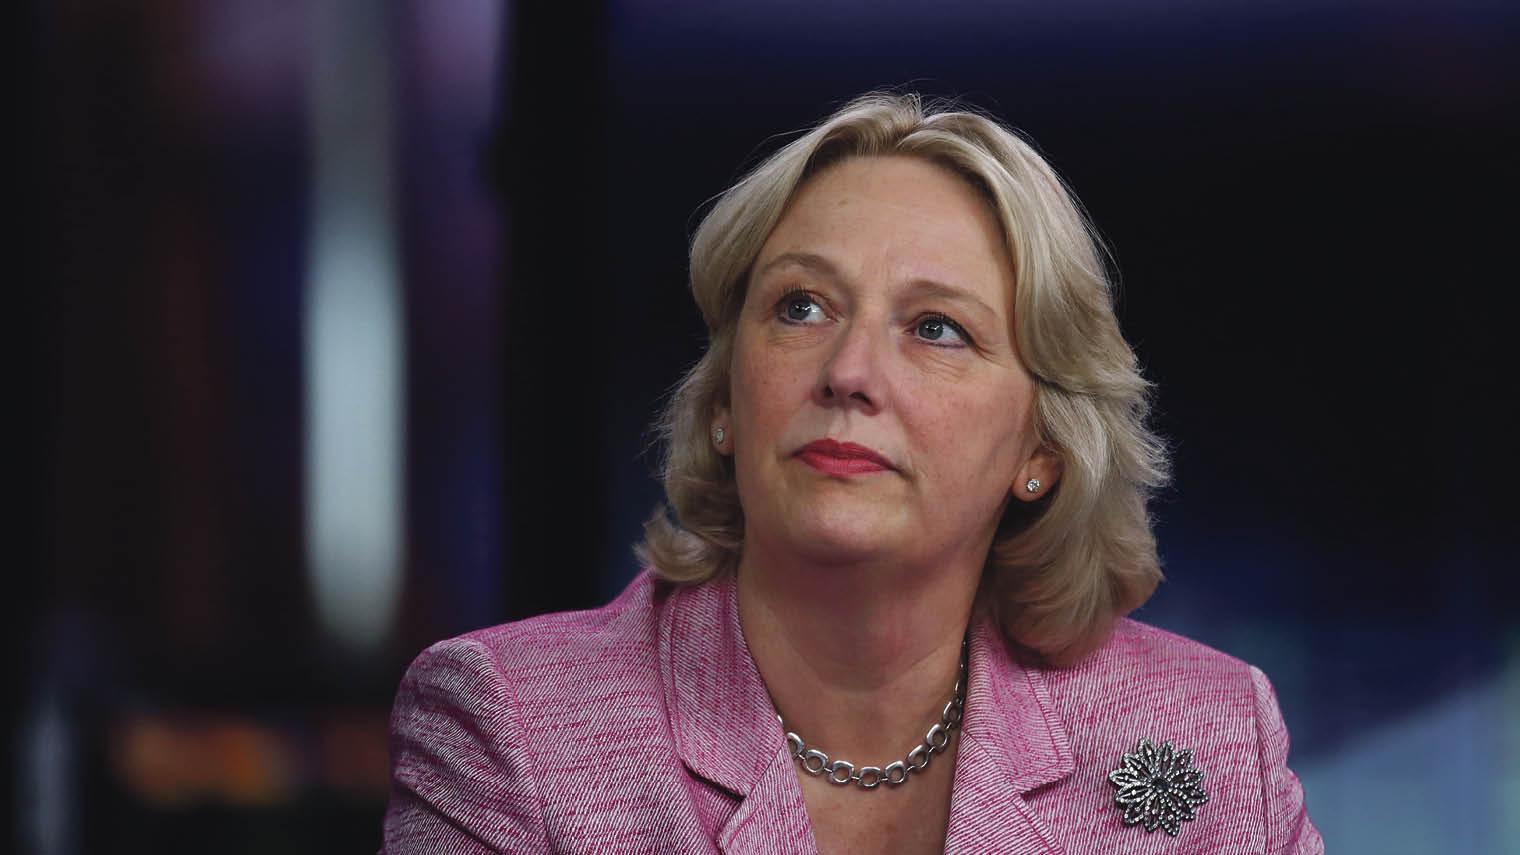 Jayne Anne Gadhia, CEO of Virgin Money